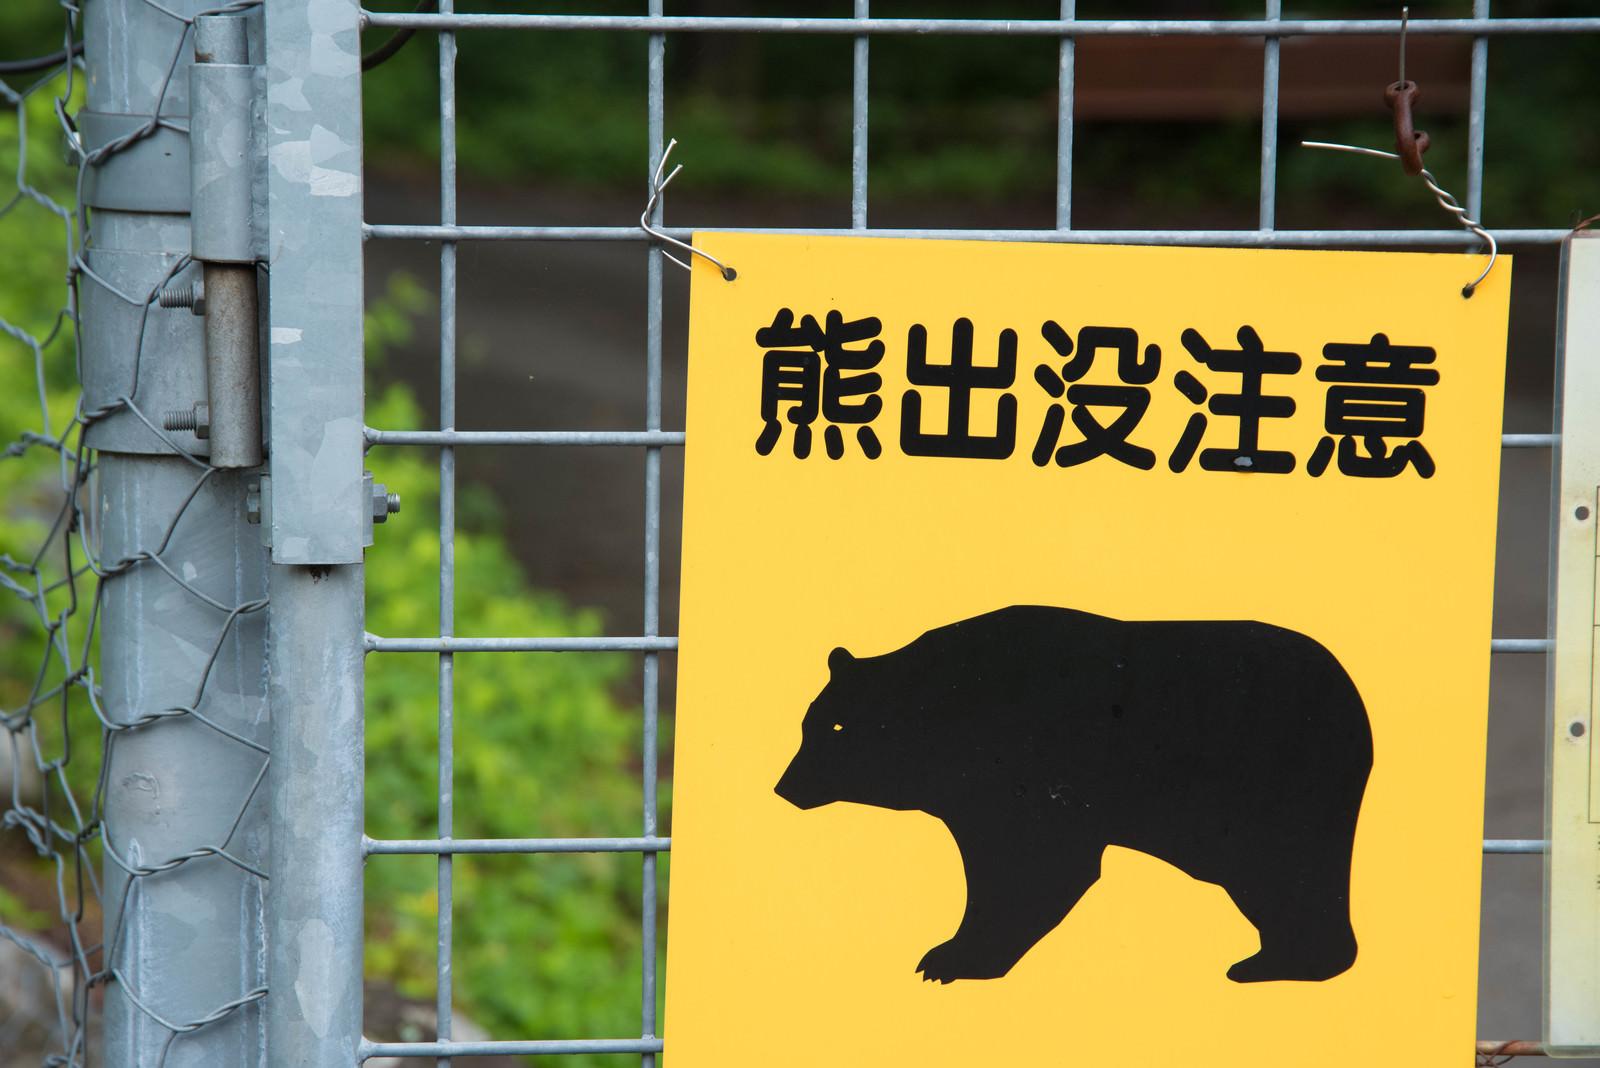 「熊出没注意の黄色い警告板」の写真